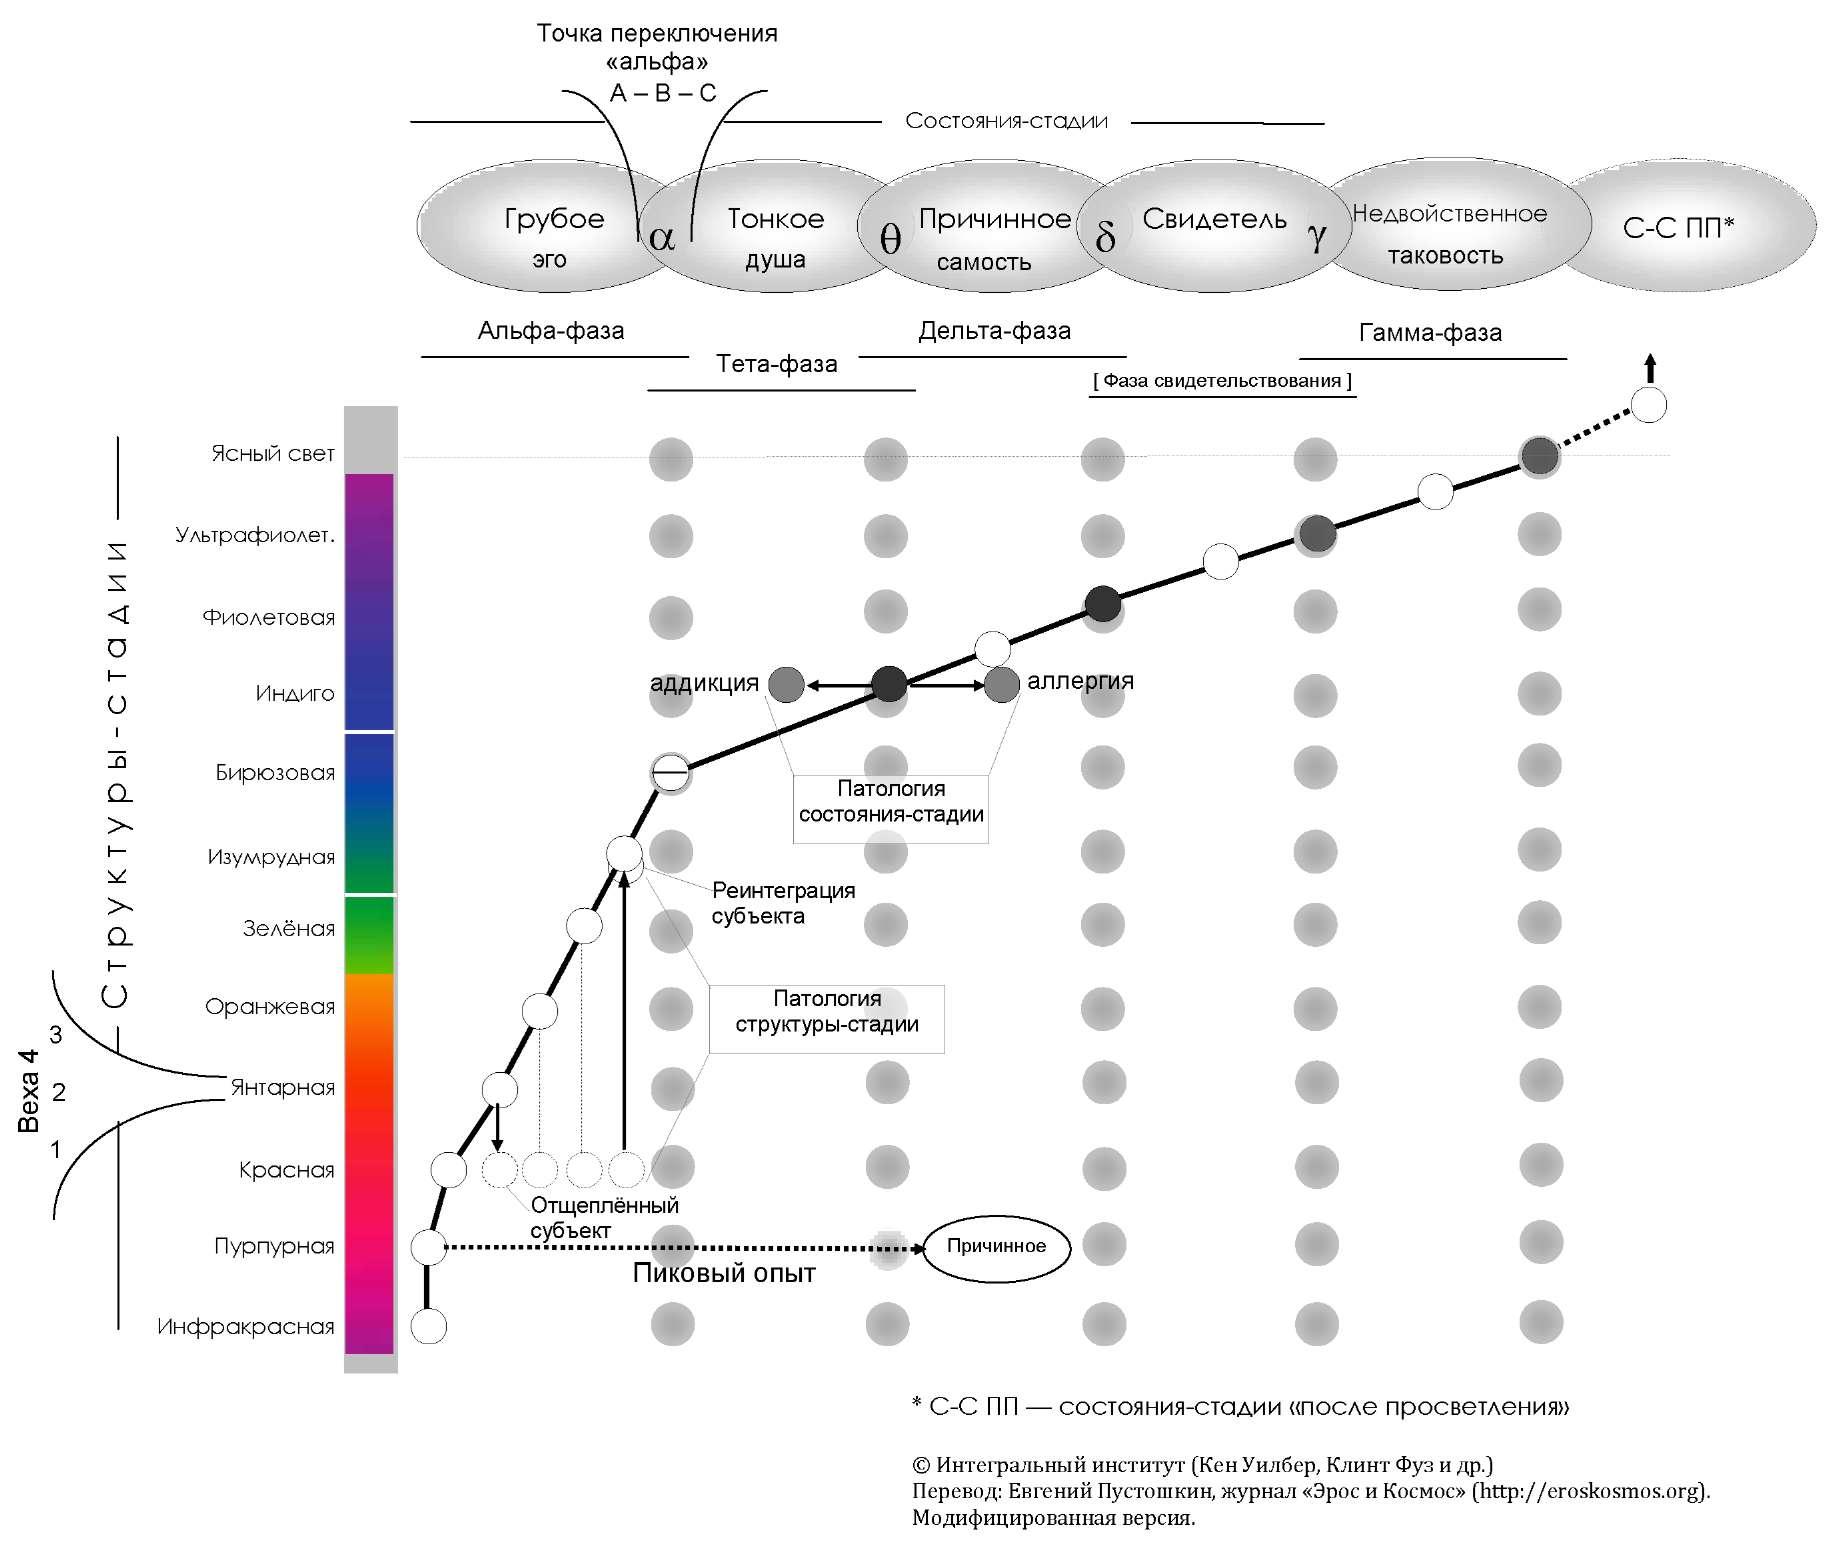 Вертикальное (структуры-стадии) и горизонтальное развитие (состояния-стадии) в интегральном подходе